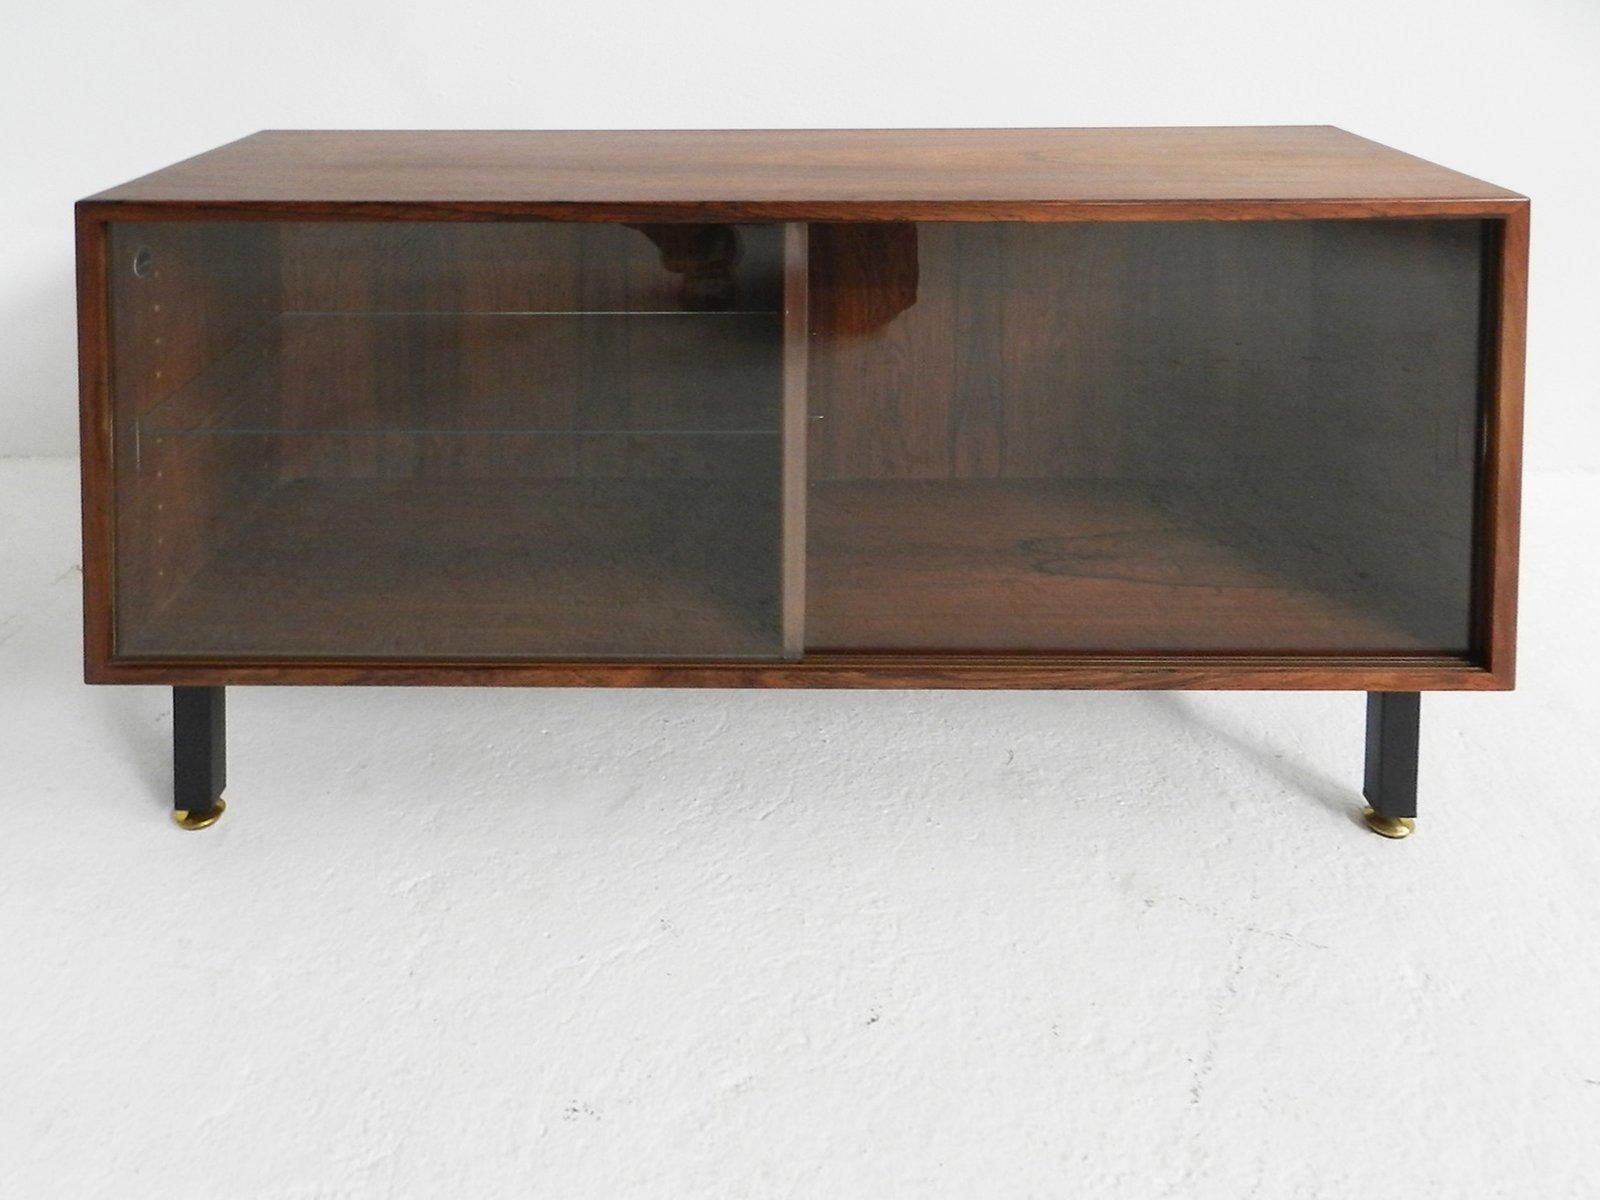 kleines d nisches mid century palisander sideboard bei. Black Bedroom Furniture Sets. Home Design Ideas